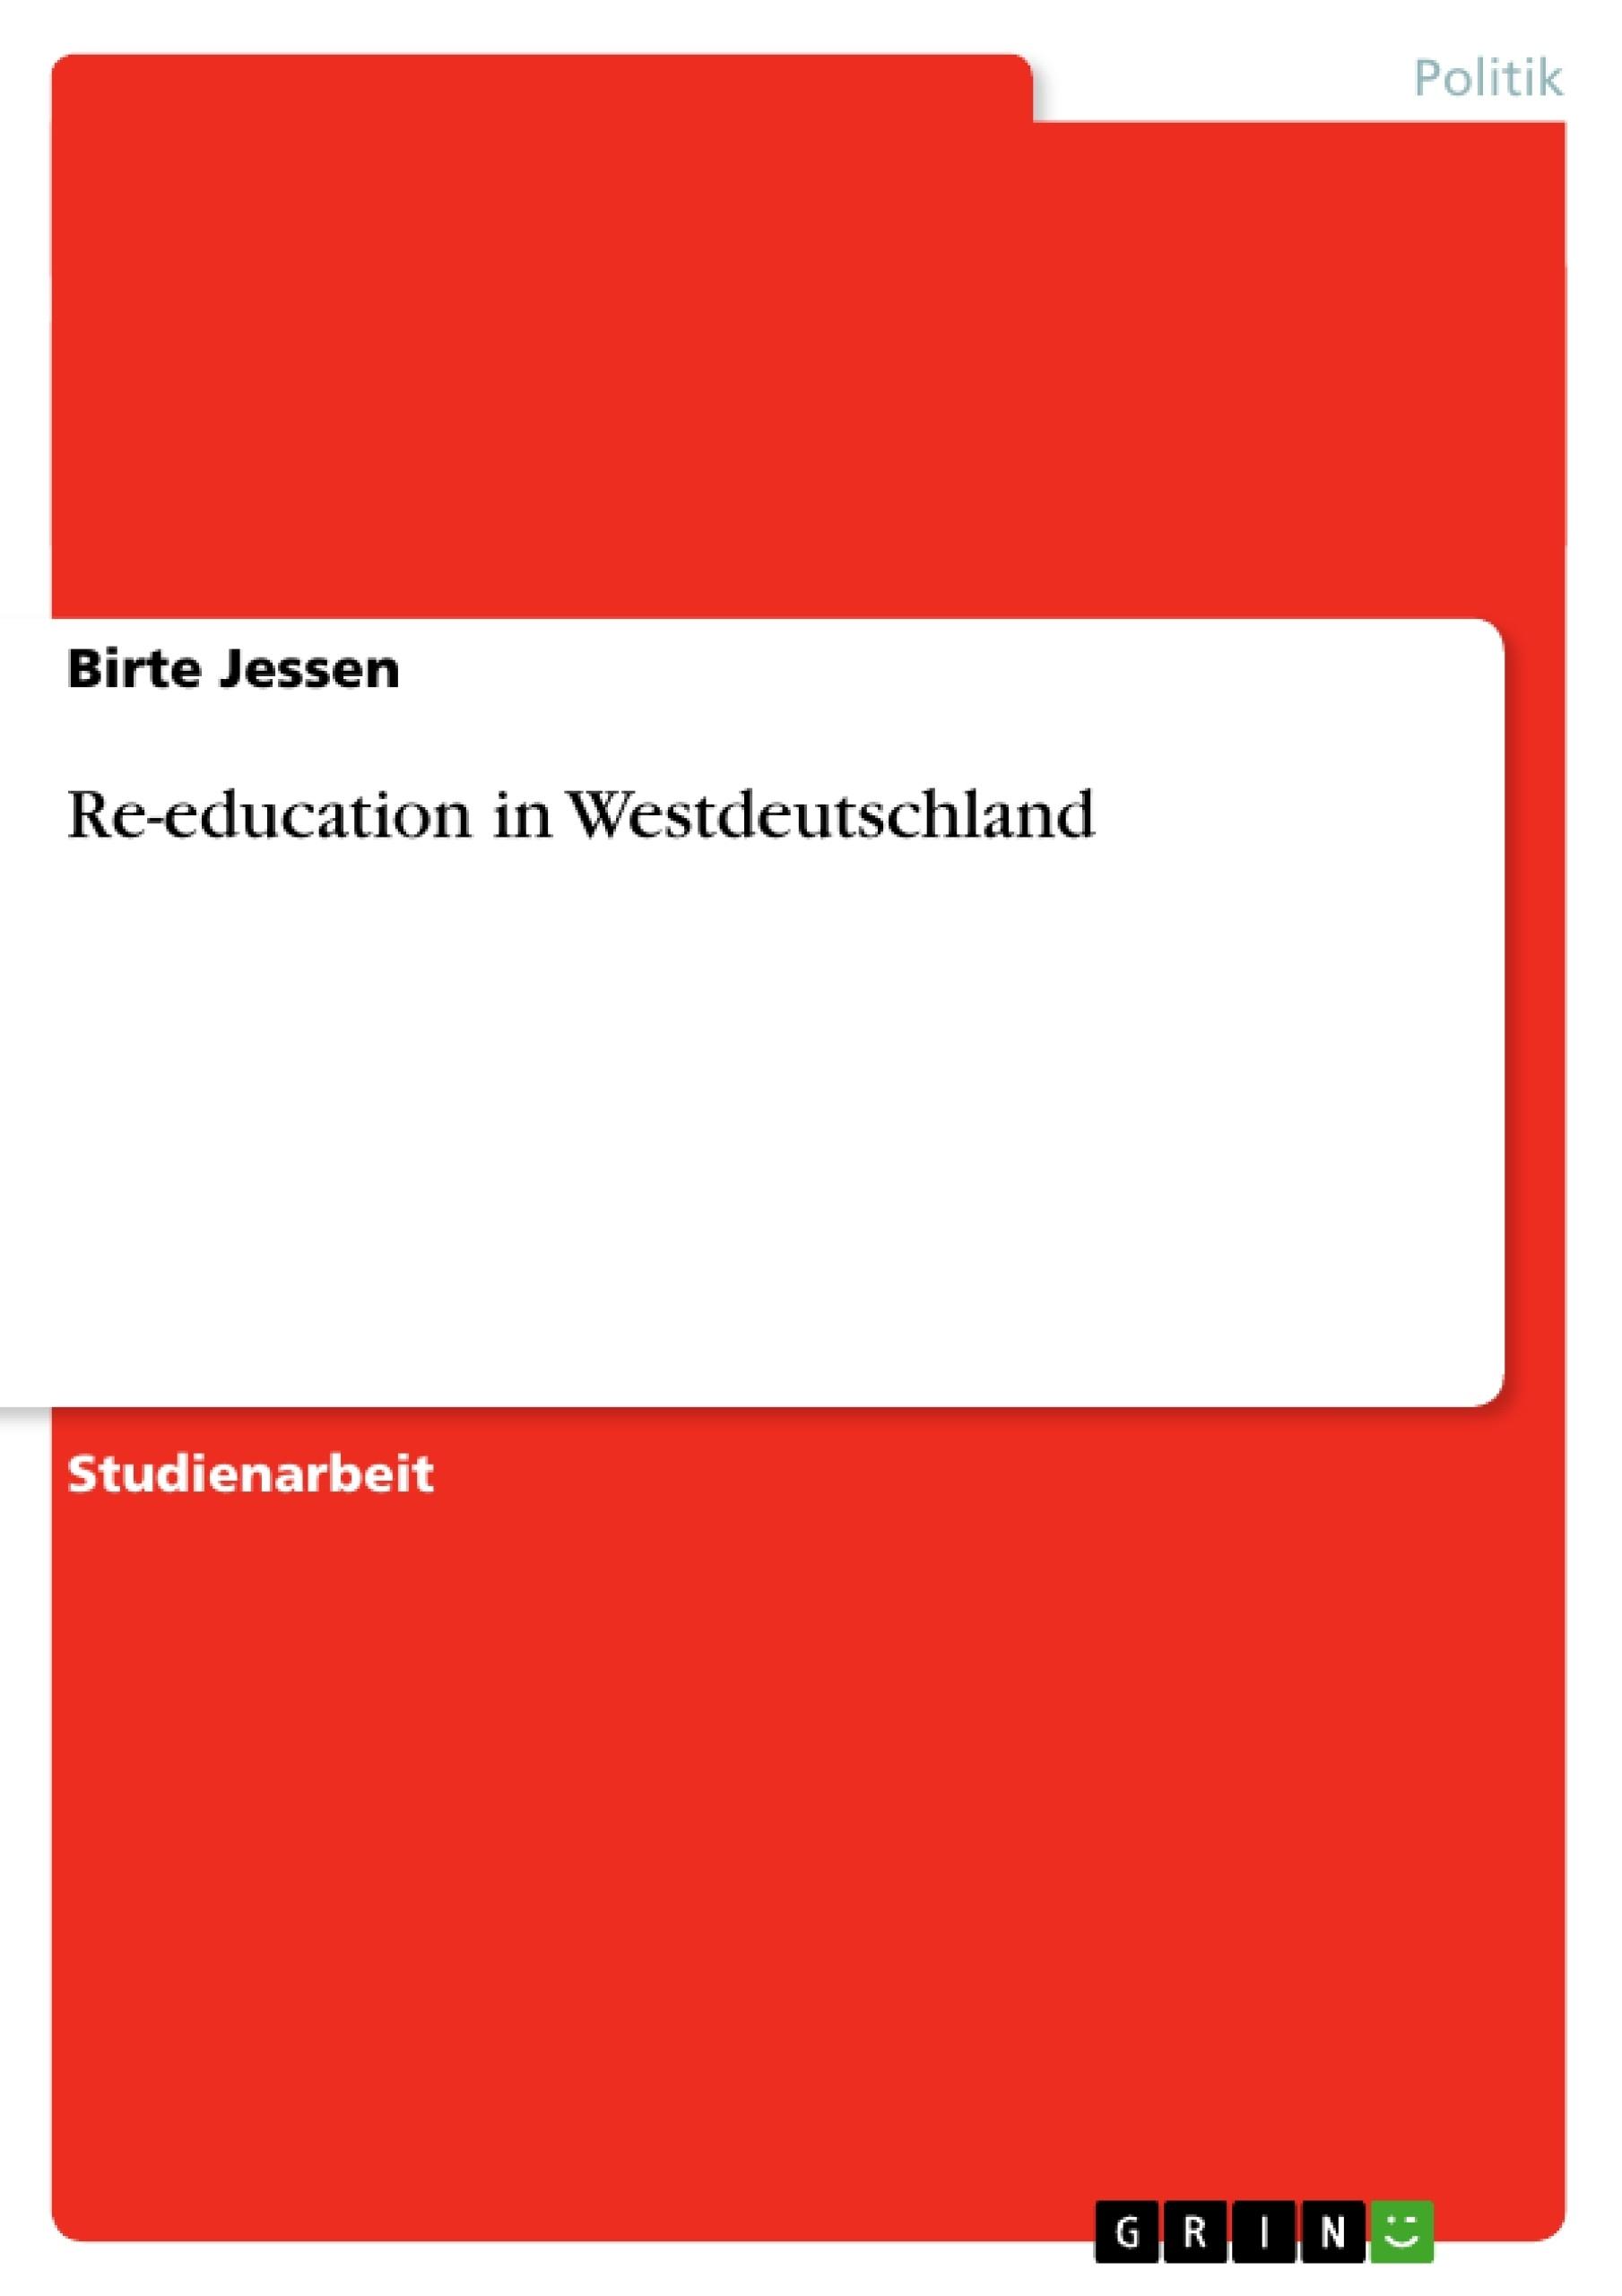 Titel: Re-education in Westdeutschland